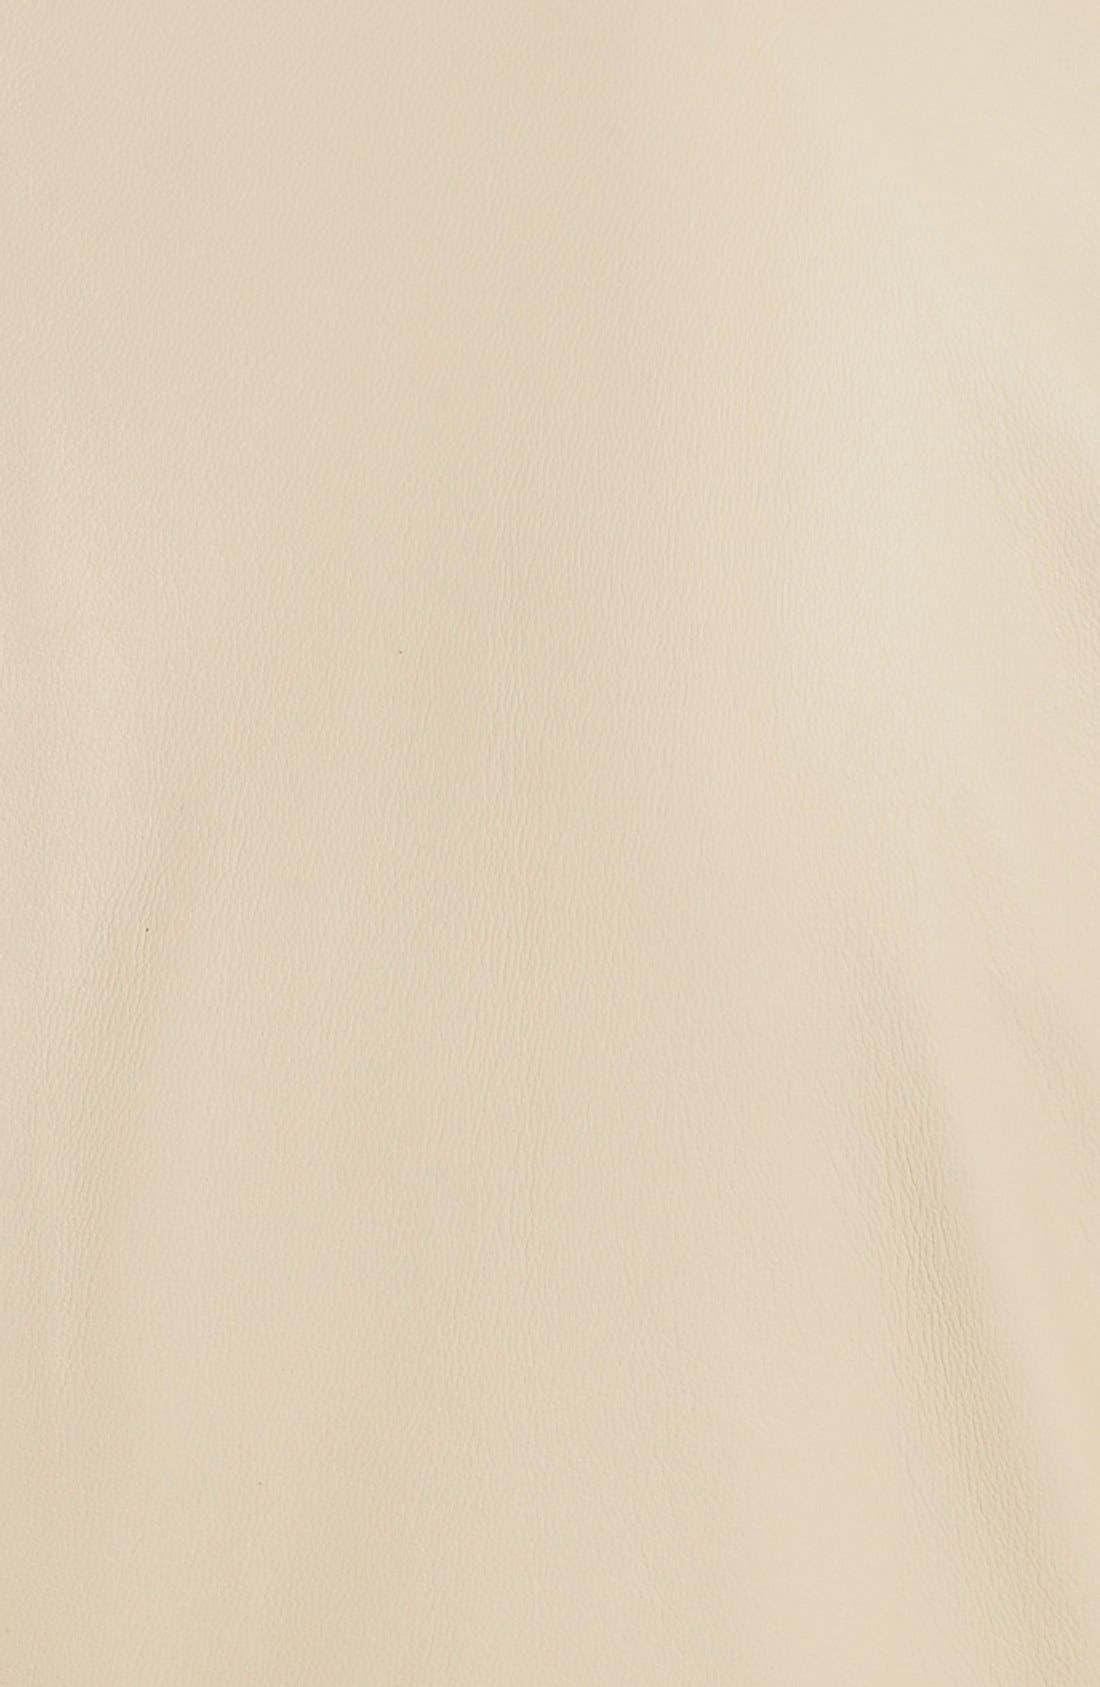 Alternate Image 3  - Halogen® 'Powder' Lambskin Leather Jacket (Plus Size)